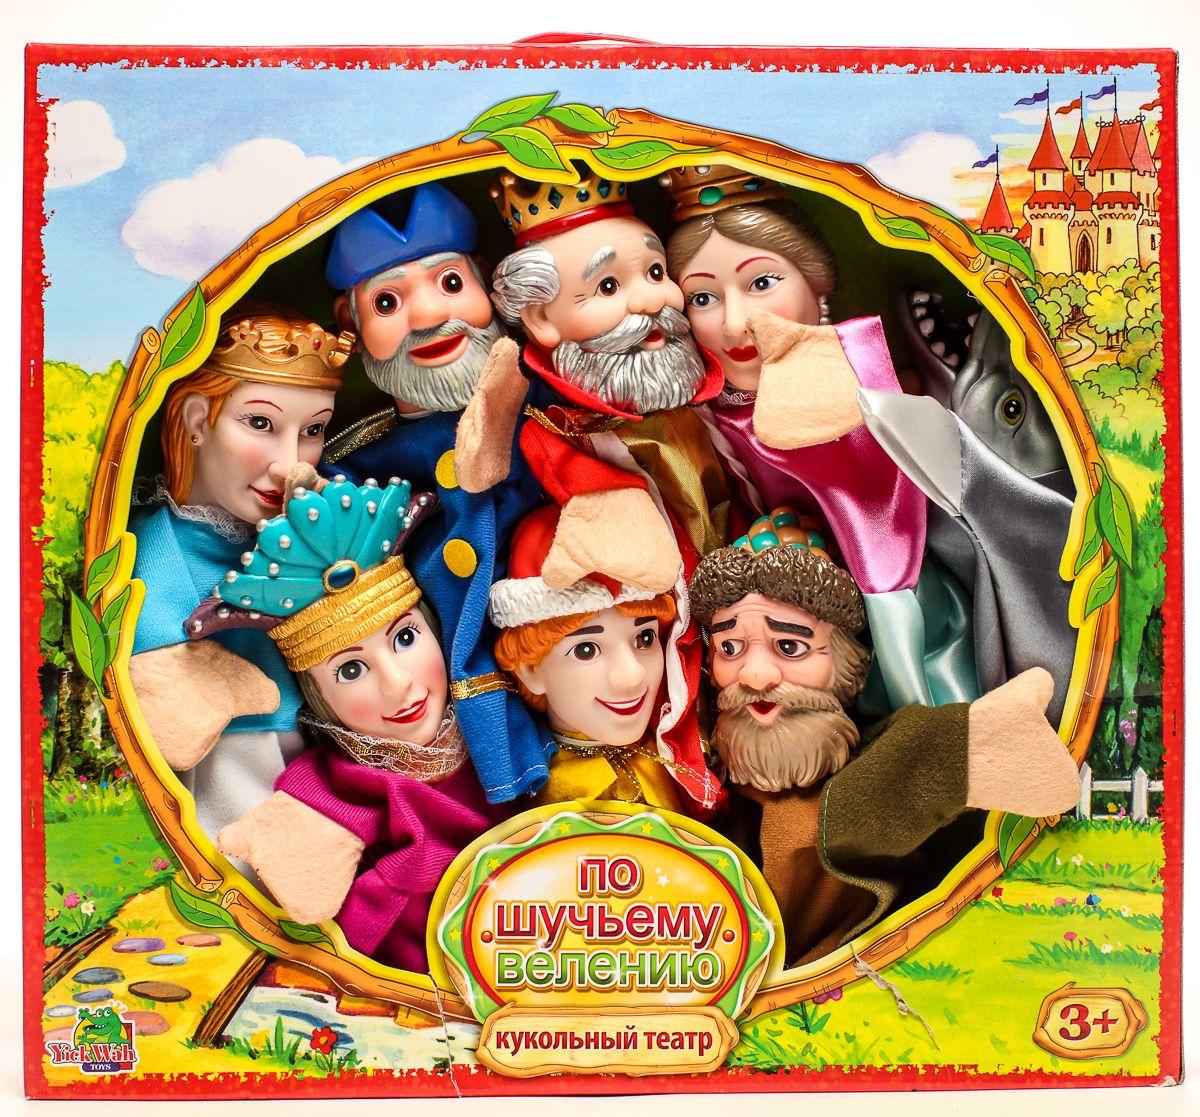 Yick Wah Кукольный театр По-щучьему велению7128S/4Кукольный театр создан на основе всем известной сказки.Набор состоит из 9-и кукол-марионеток большого размера,одевающихся на кисть руки.Куклы обладают высокой прочностью,безопасностью.Доставляют малышам масс приятных и радостных эмоций